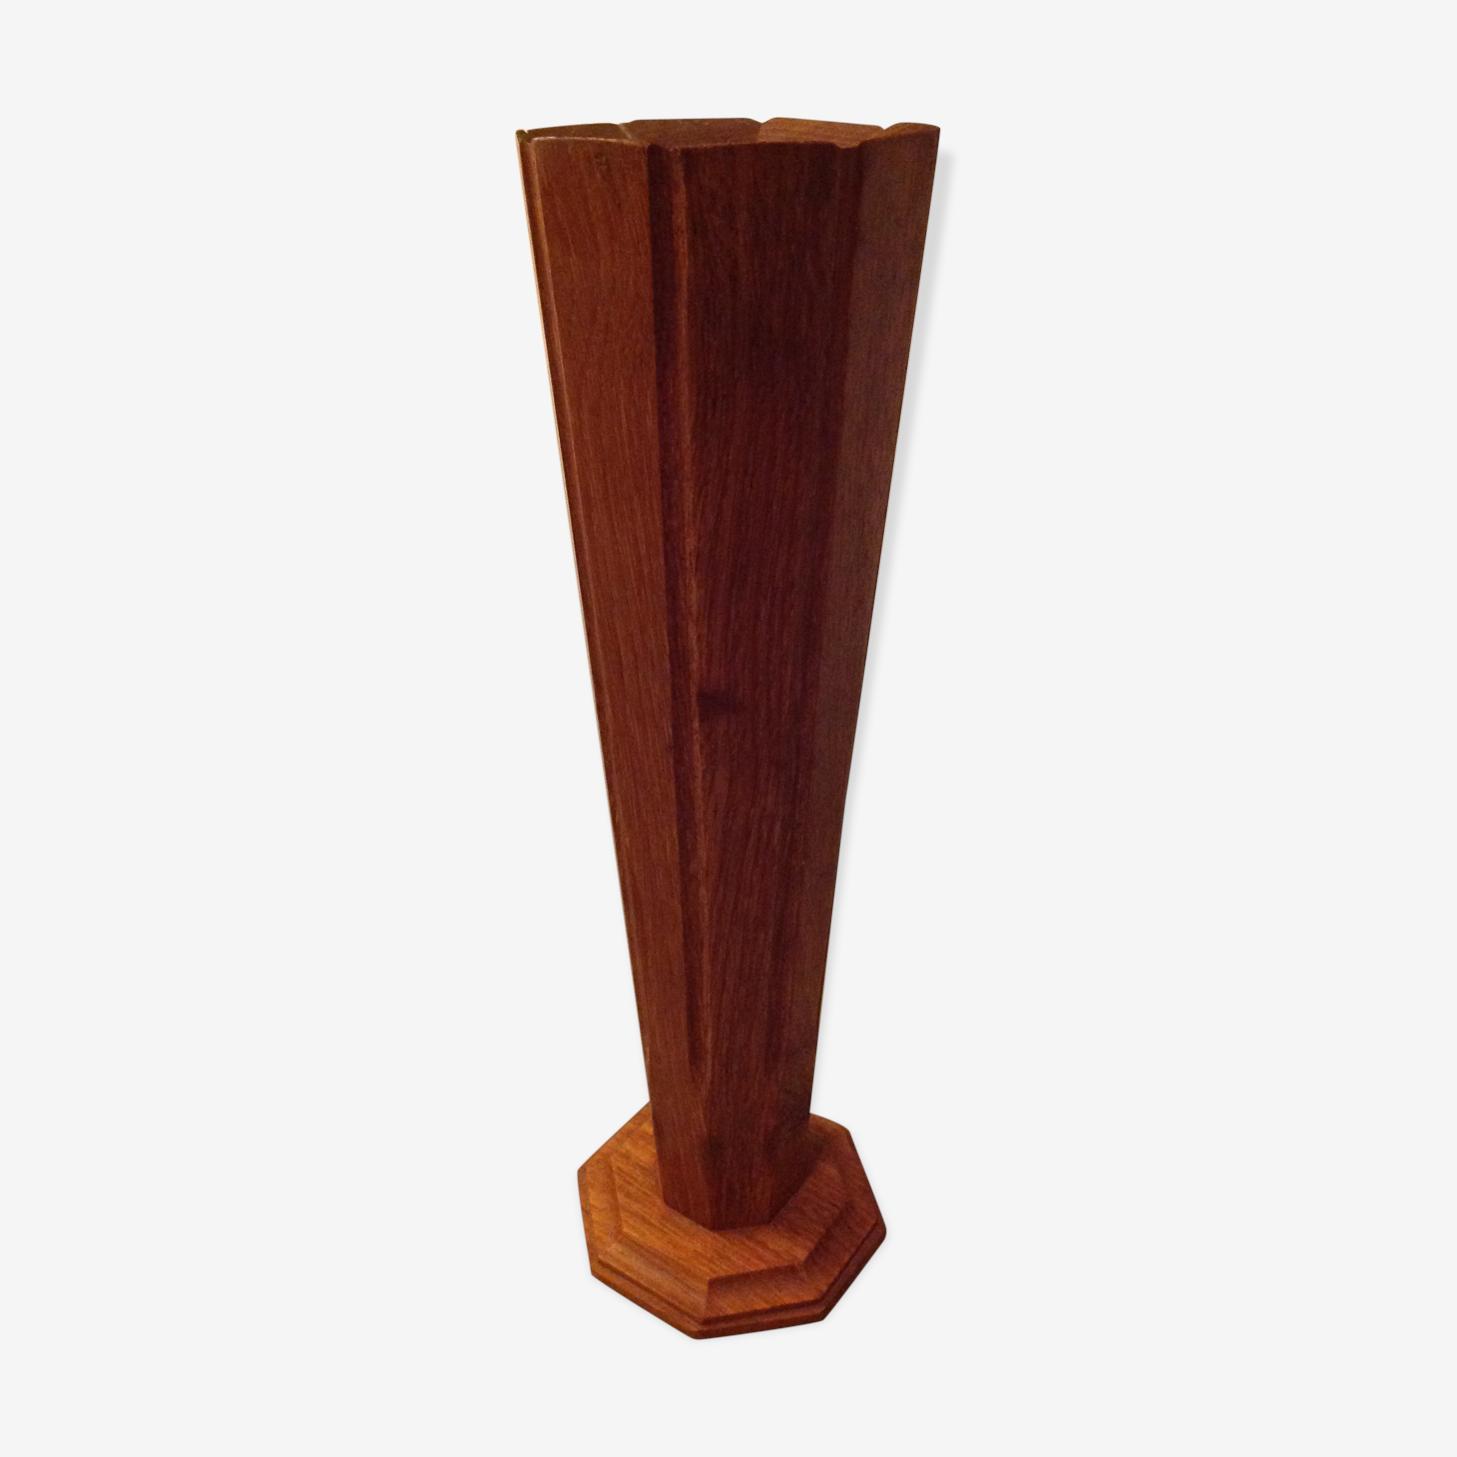 Vase en bois années 60/70